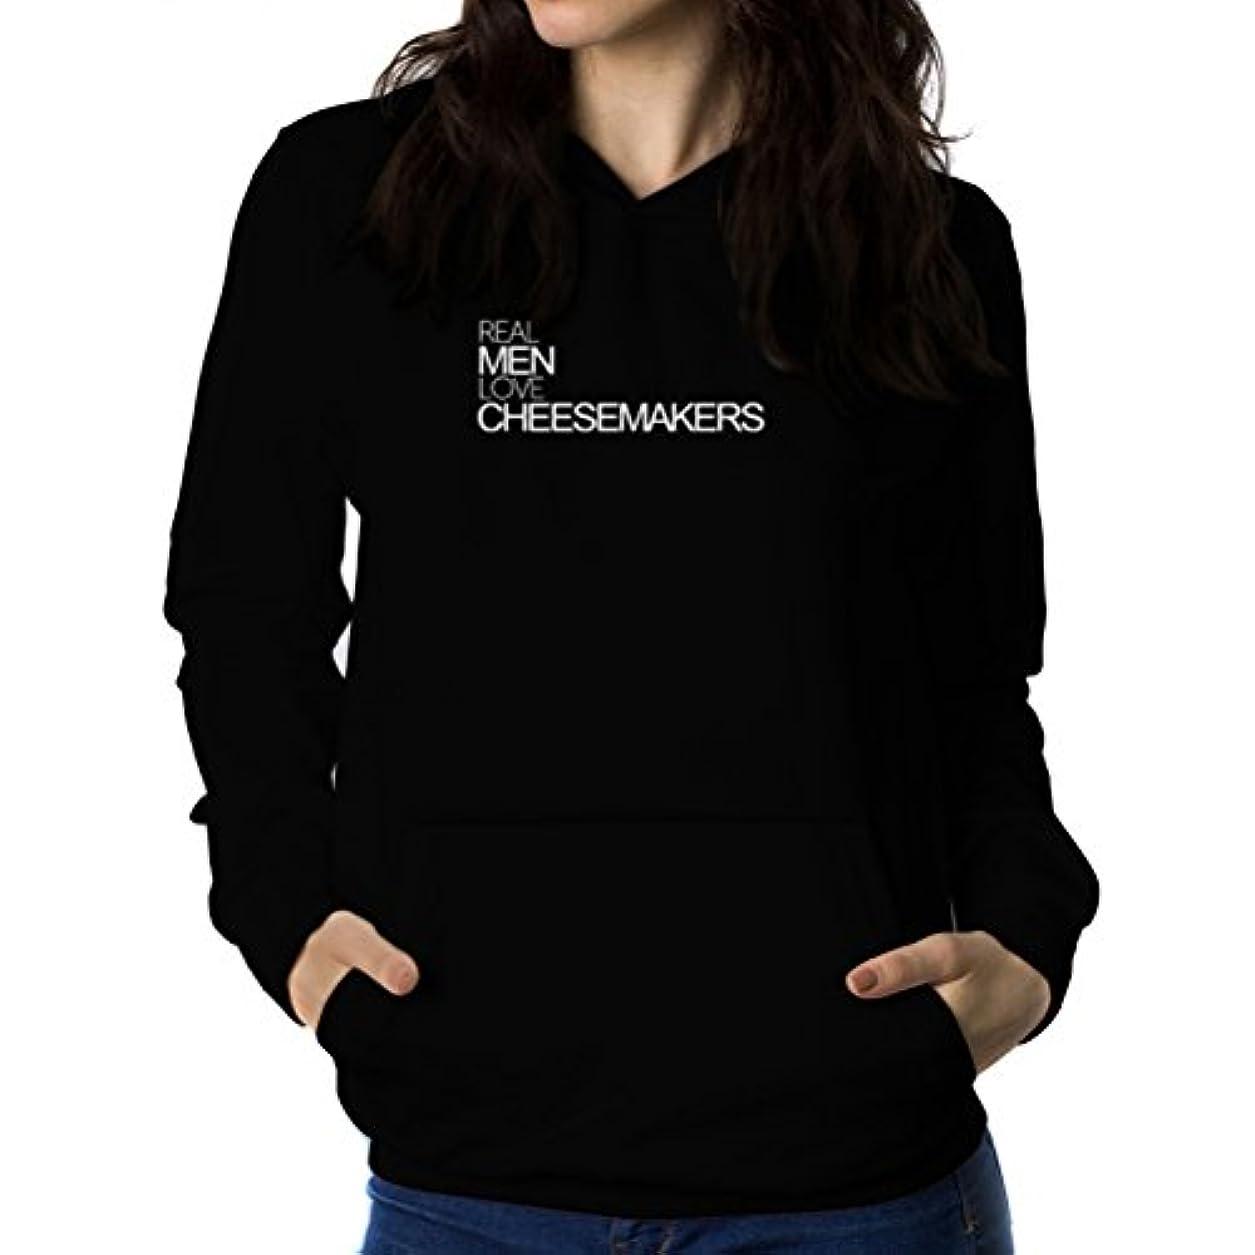 パドル両方アンソロジーReal men love Cheesemaker 女性 フーディー